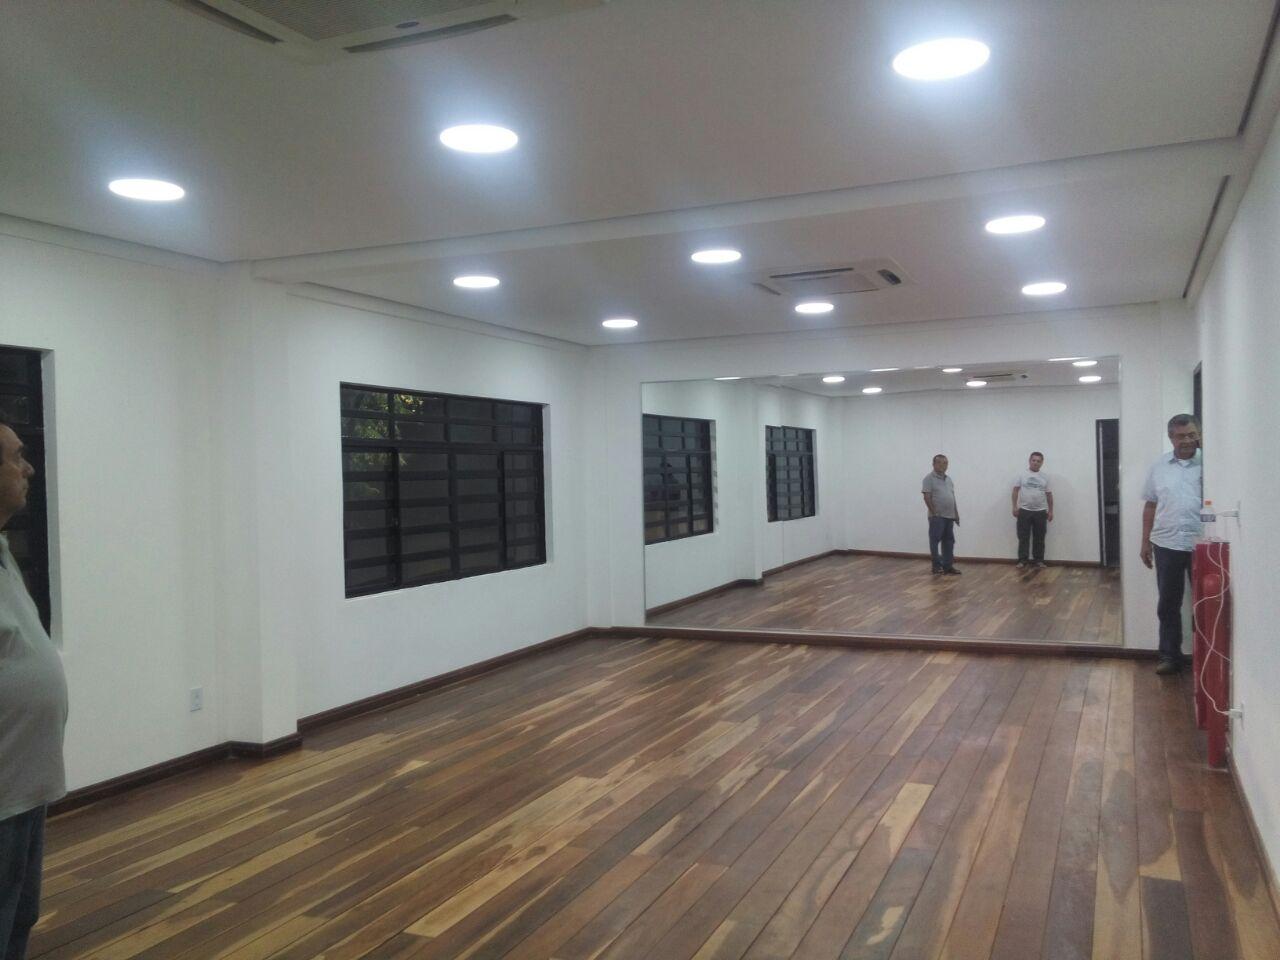 392492fb 9270 4489 868d 43bd6a9705a7 - Governador Ricardo Coutinho entrega reforma do Teatro Íracles Pires na cidade de Cajazeiras; vídeo